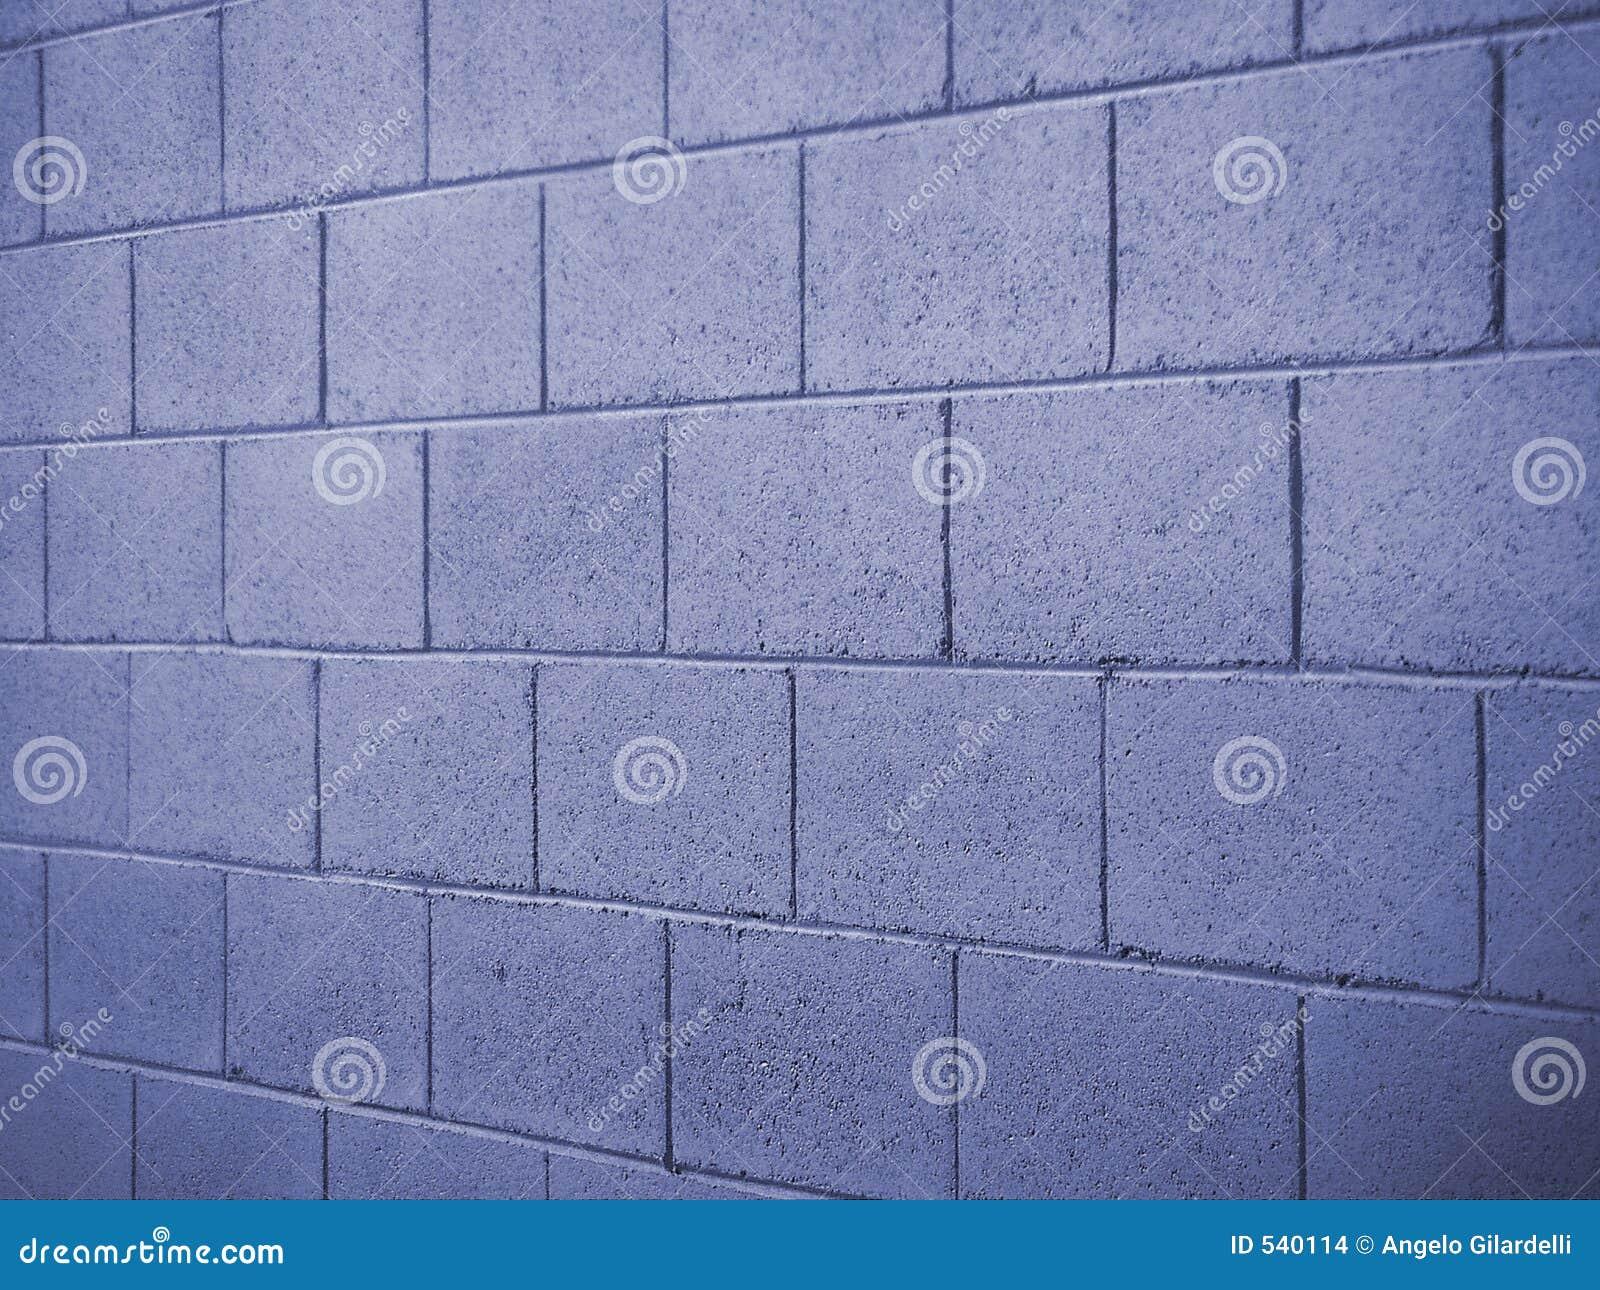 Download 墙壁 库存照片. 图片 包括有 重点, 灰色, 背包, 监狱, 模件, 恐惧, 不列塔尼的, 模式, 建筑, 墙壁 - 540114